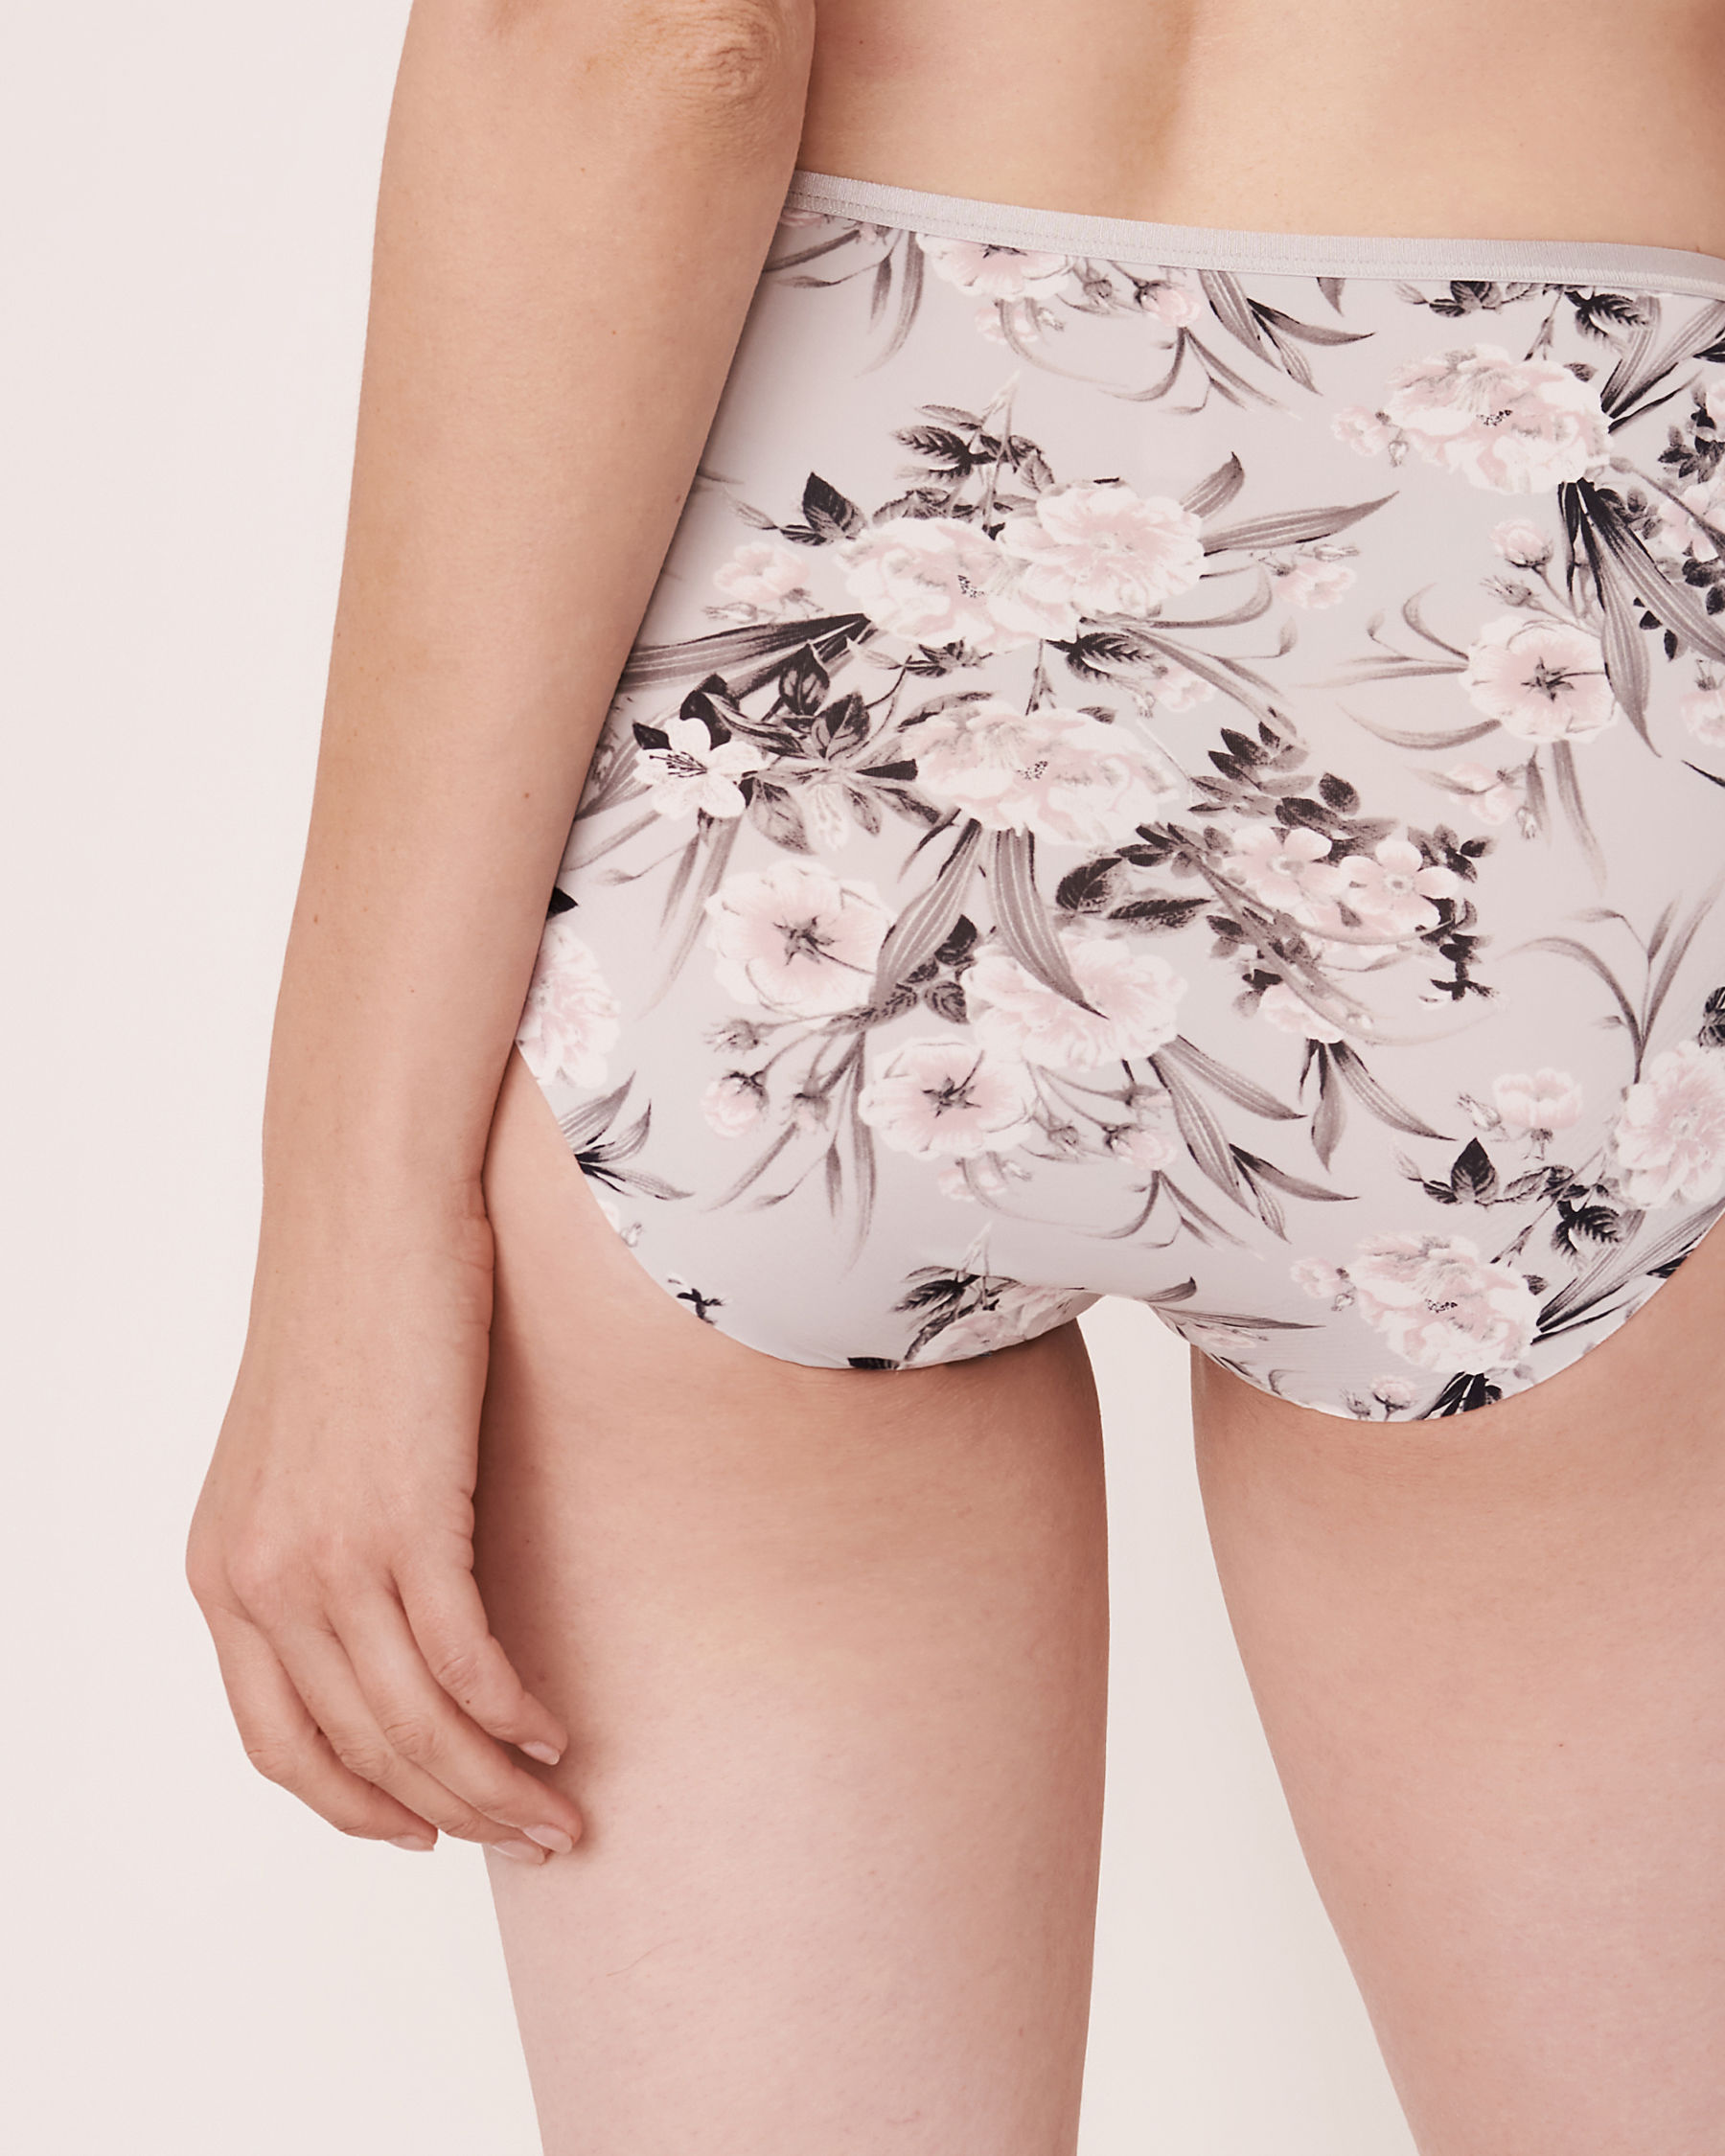 LA VIE EN ROSE High Waist Bikini Panty Grey bouquet 20300056 - View2